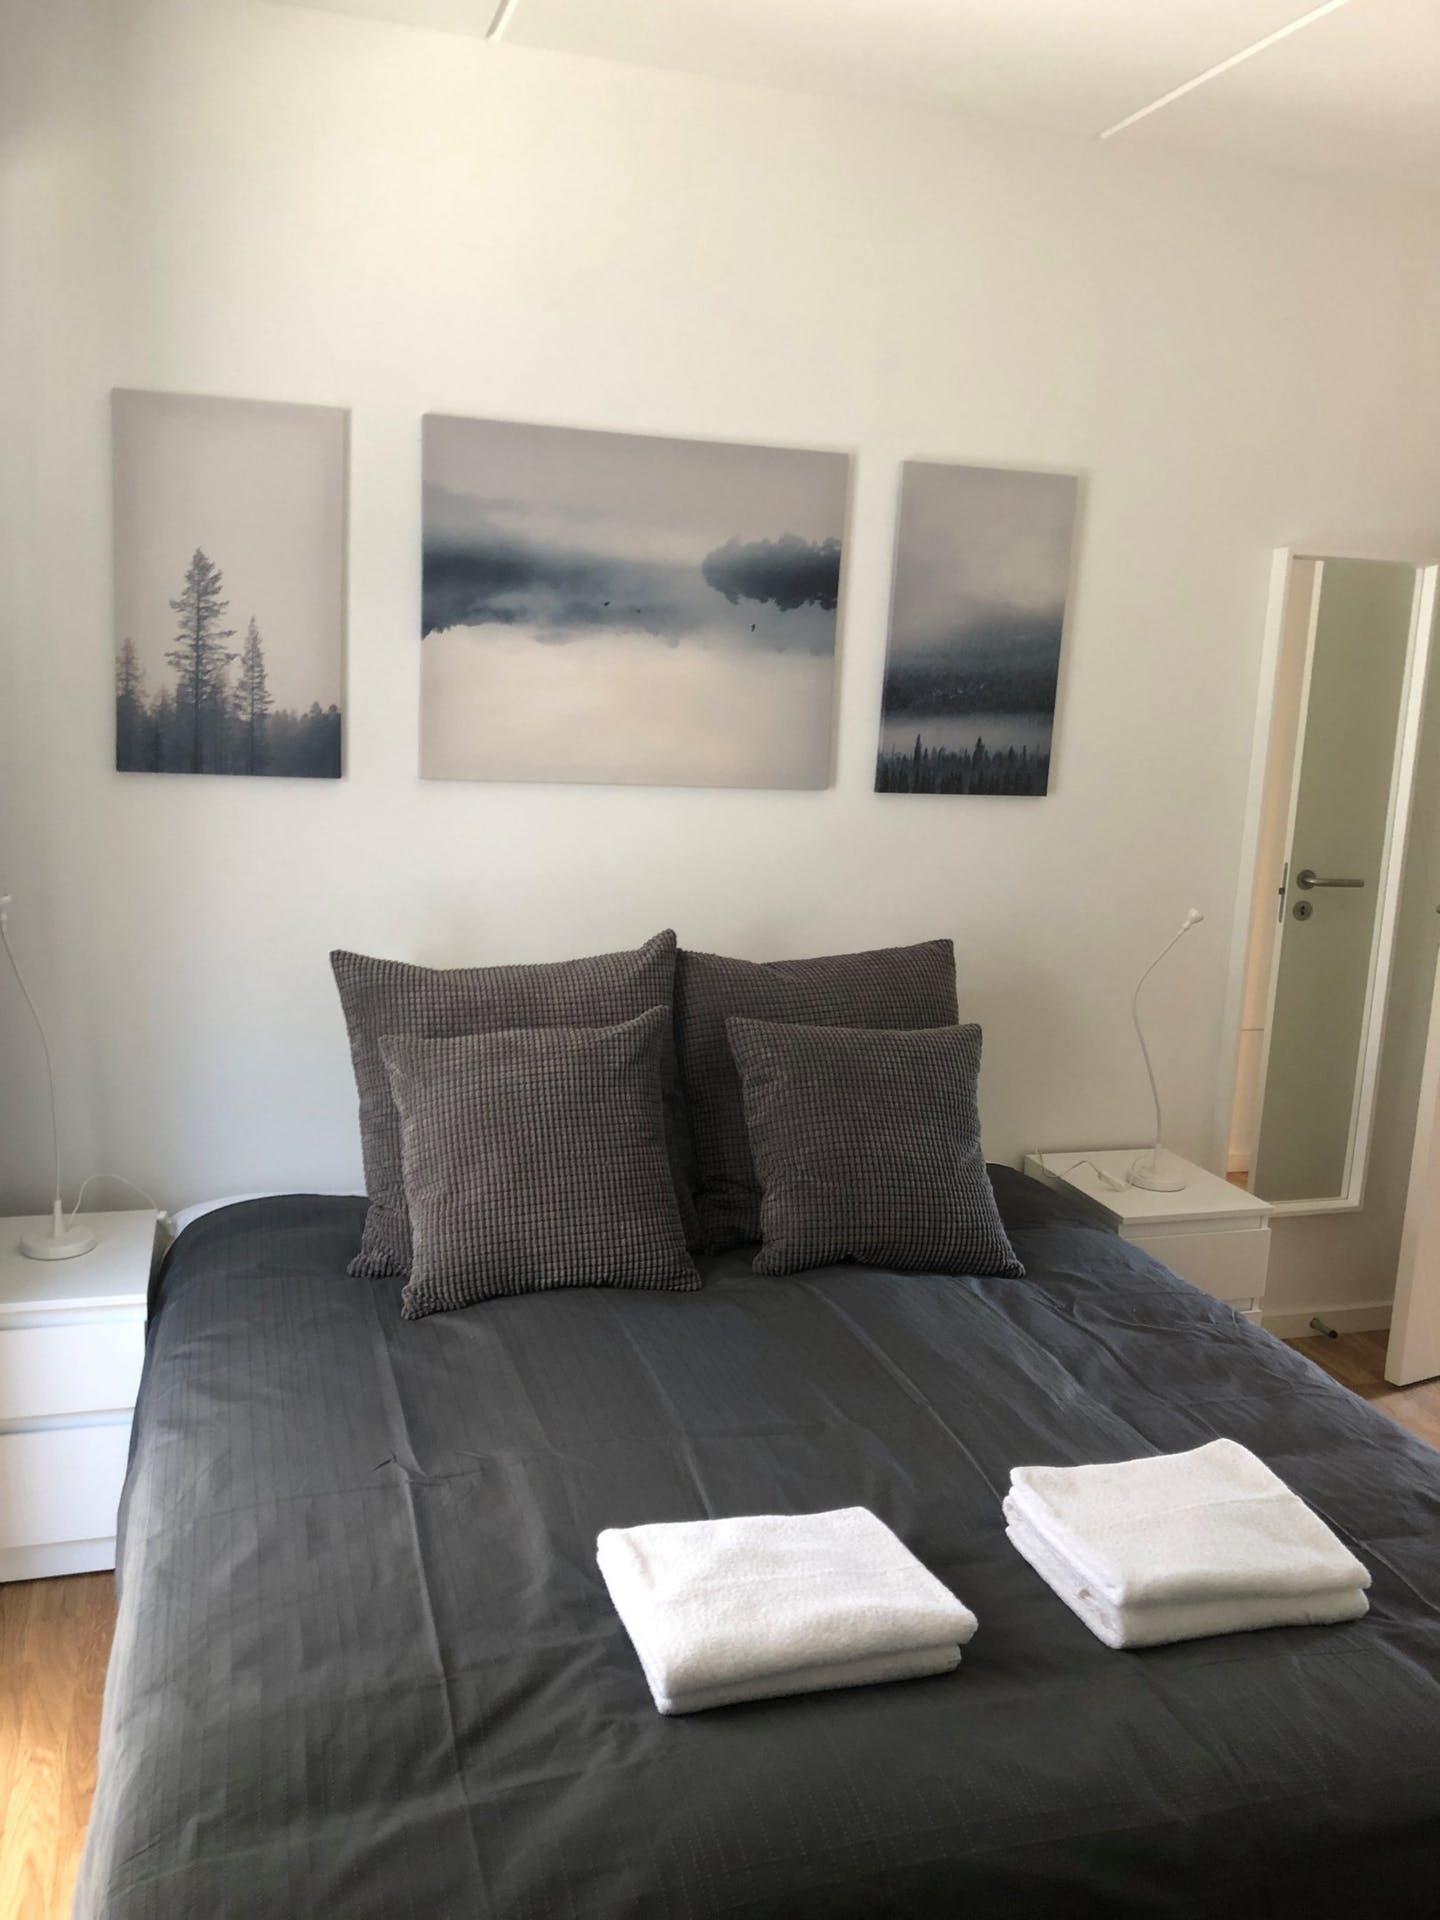 Bedroom at Møllehatten 11 Apartment, Risskov, Aarhus